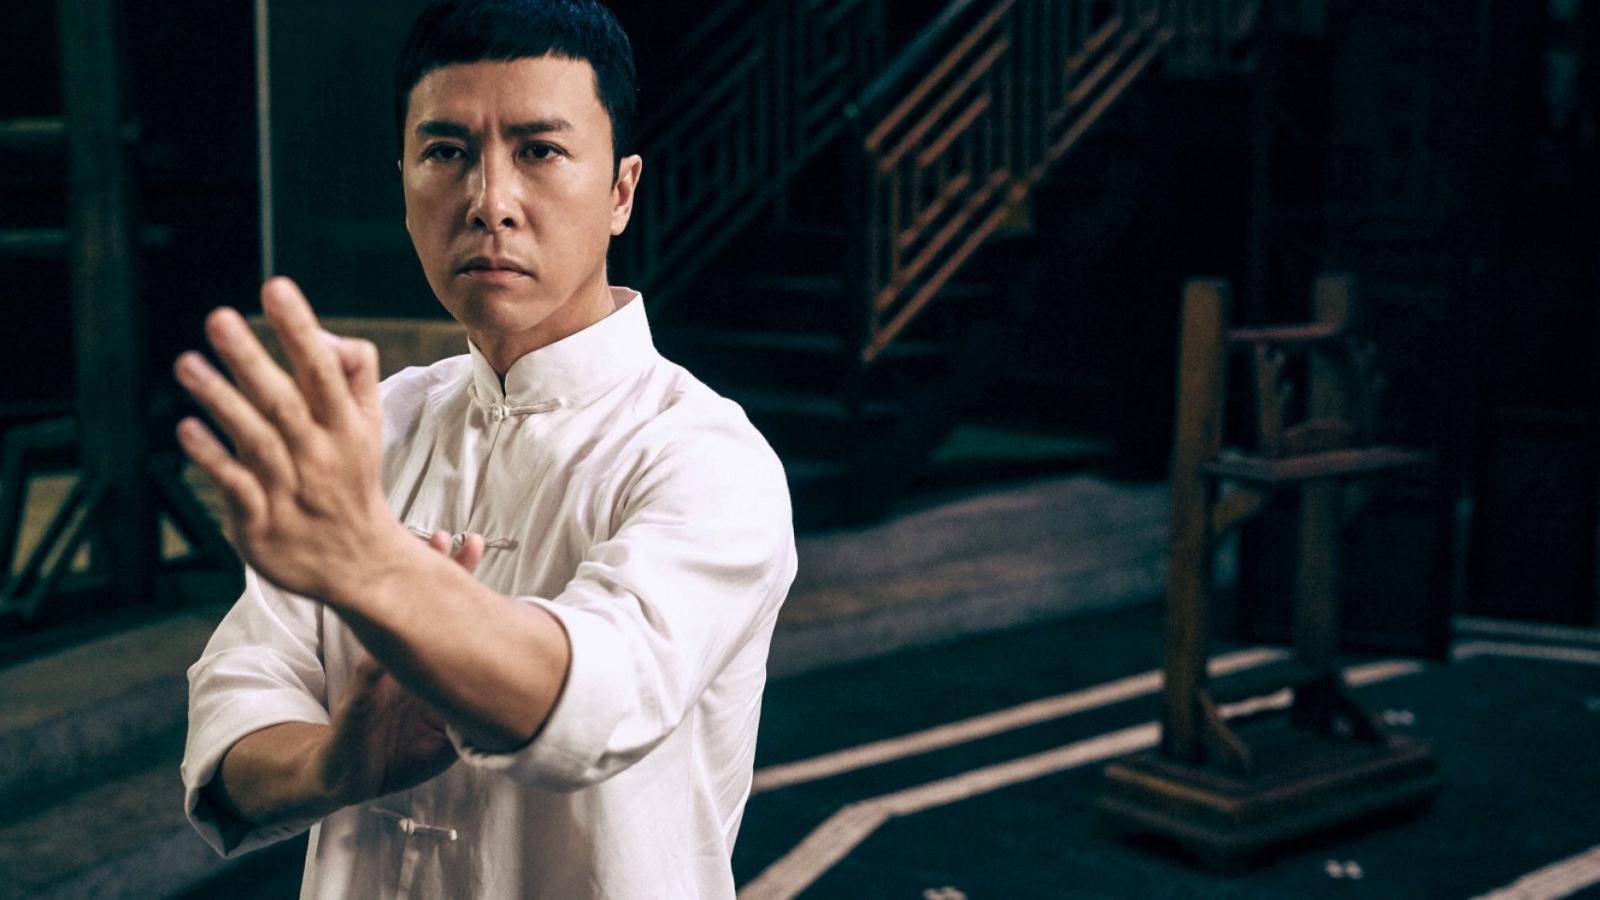 Chân Tử Đan, Lee Byung Hun và dàn sao phim hành động châu Á xuất sắc nhất hiện nay